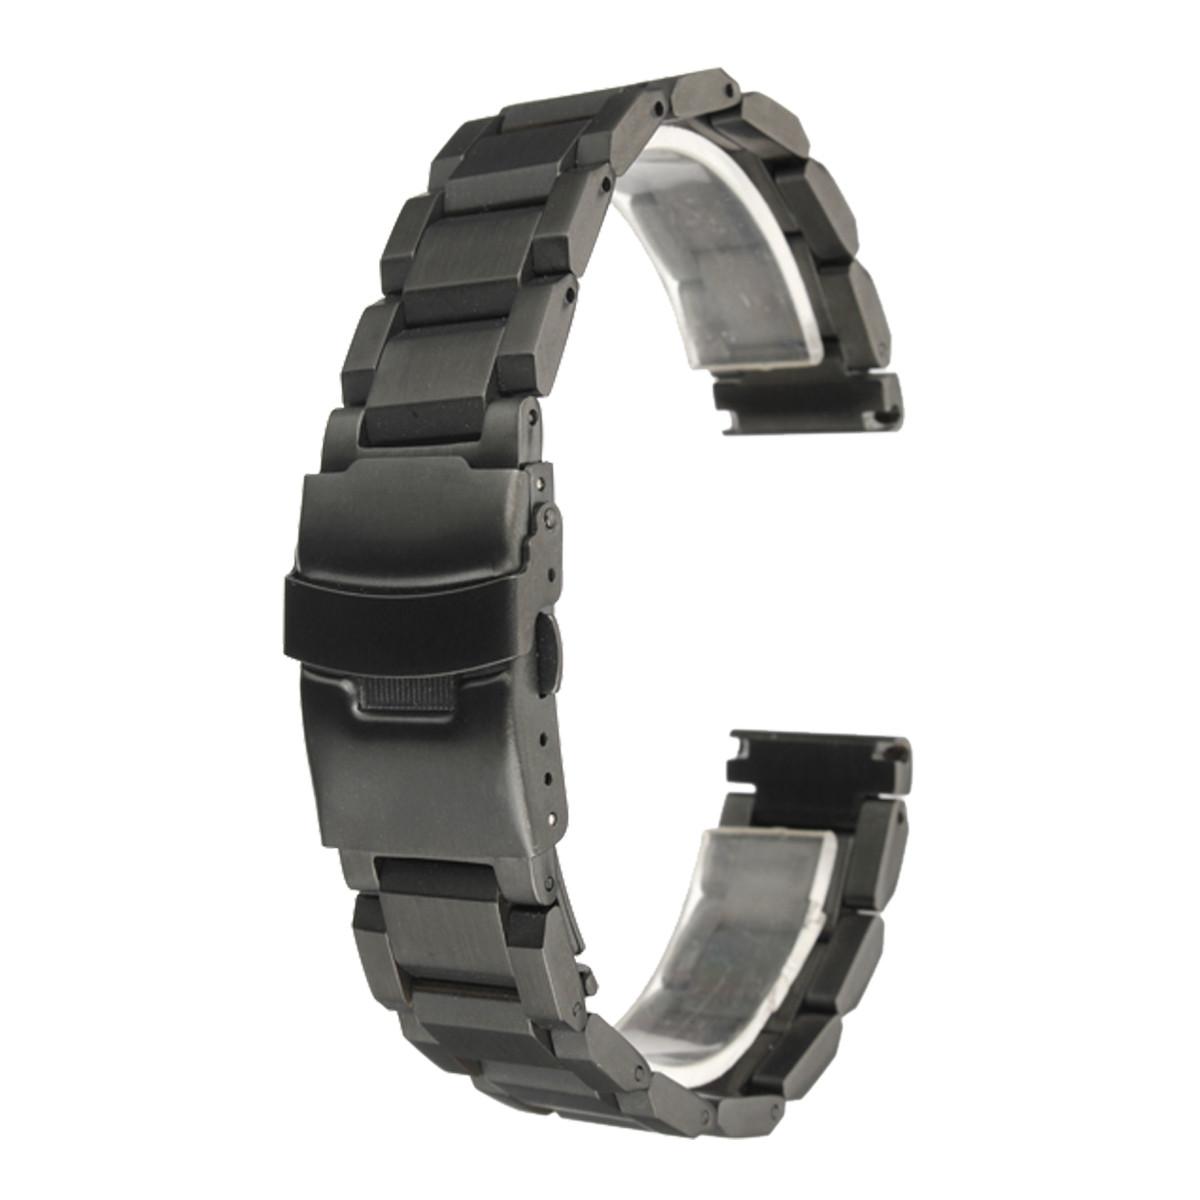 Prix pour Bracelet Vente Chaude 24mm Or Métal Brossé Montre Bracelet En Acier Inoxydable Bracelet Double Flip Serrure Boucle En Gros